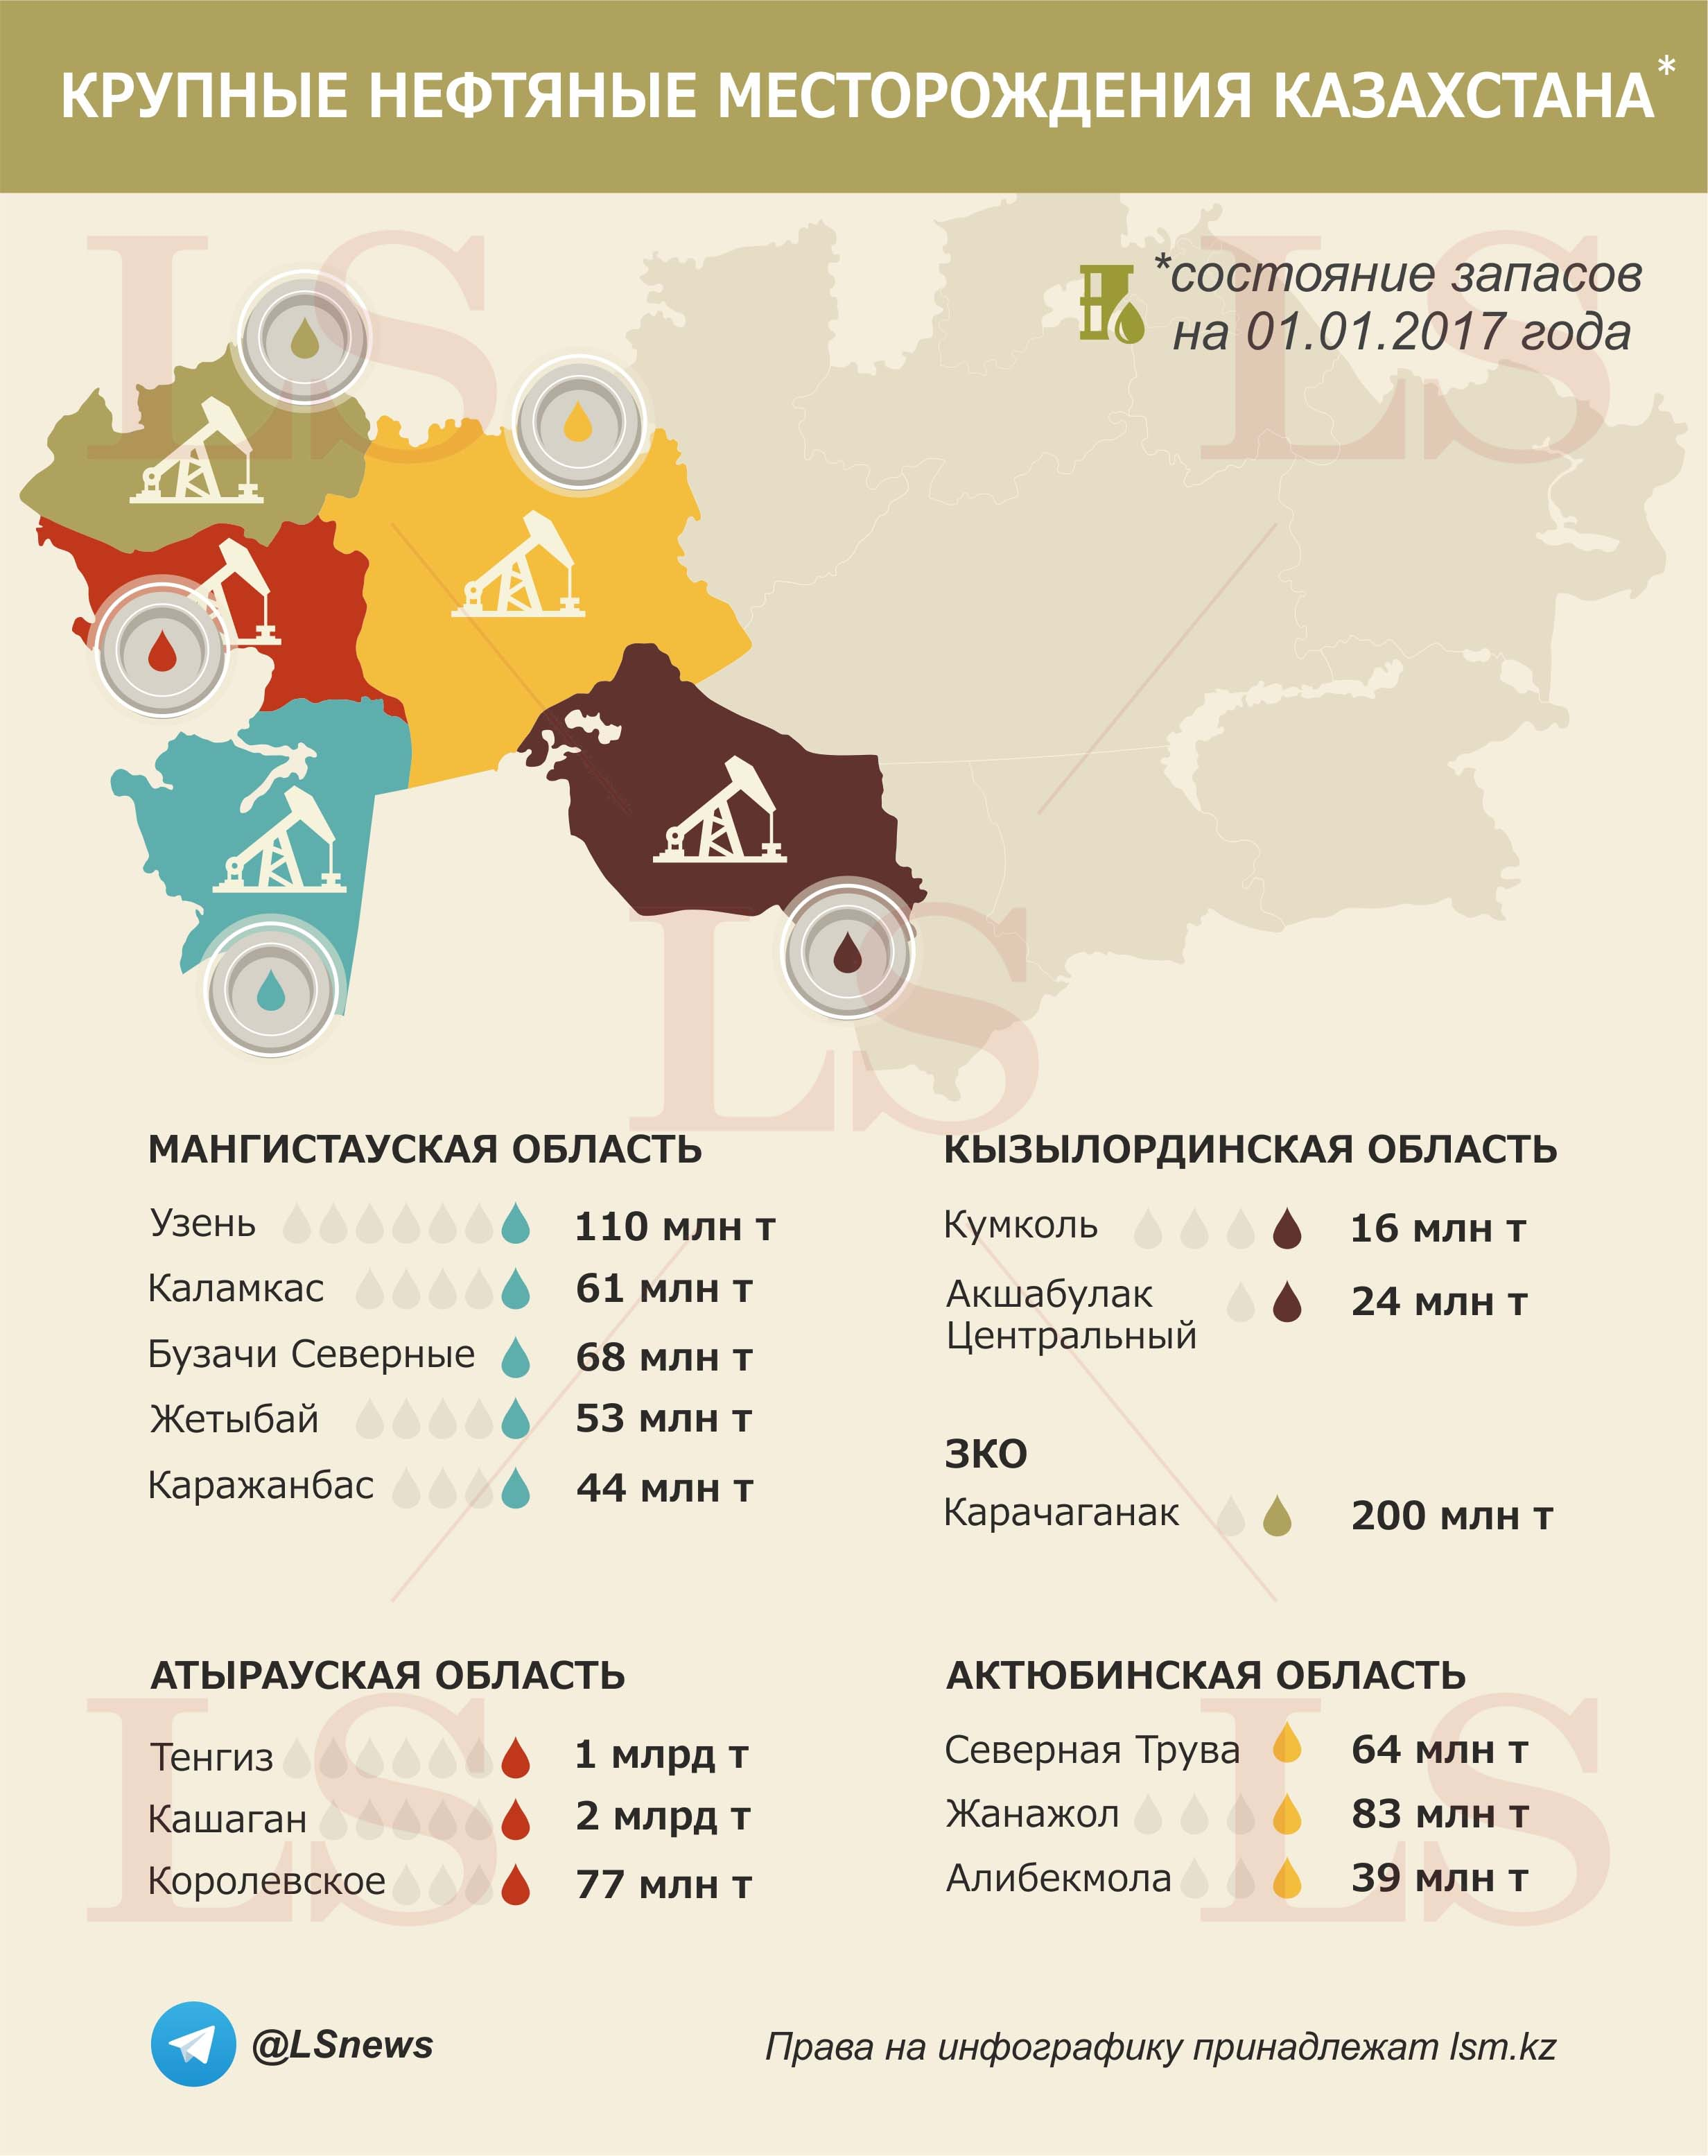 Источник данных: Министерство энергетики